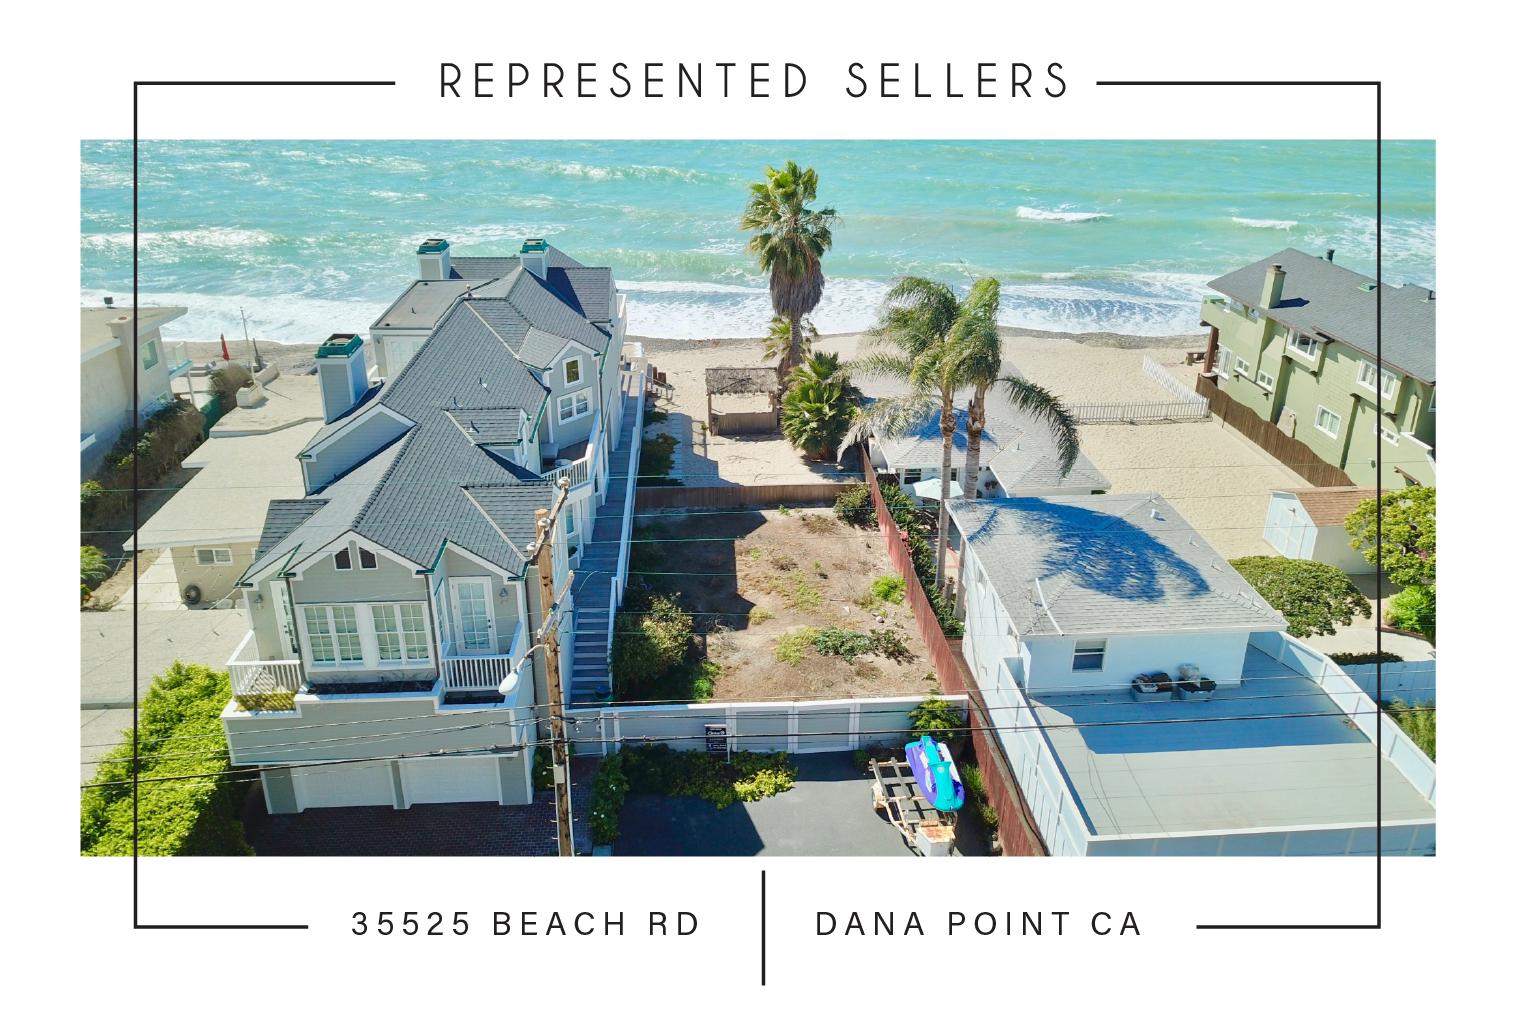 SOLD 06/30/2019 $2,900,000     35525 Beach Rd